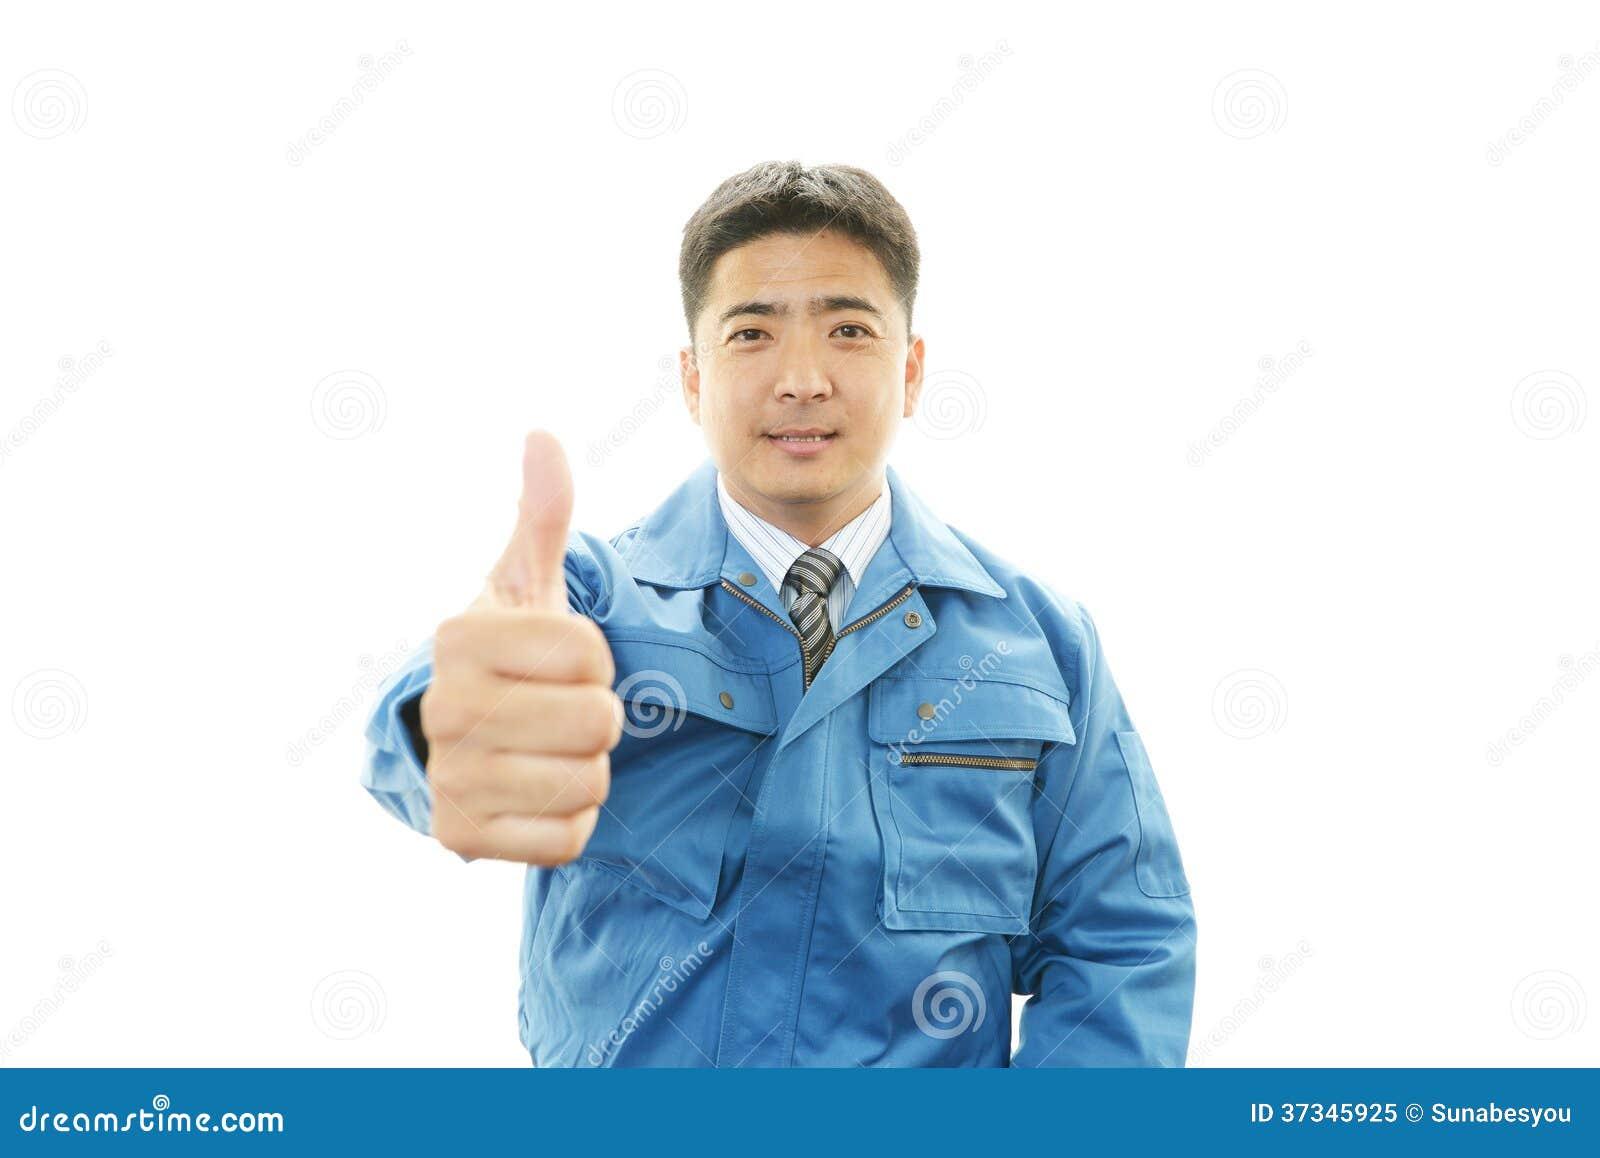 Ο ασιατικός εργαζόμενος που παρουσιάζει αντίχειρες υπογράφει επάνω